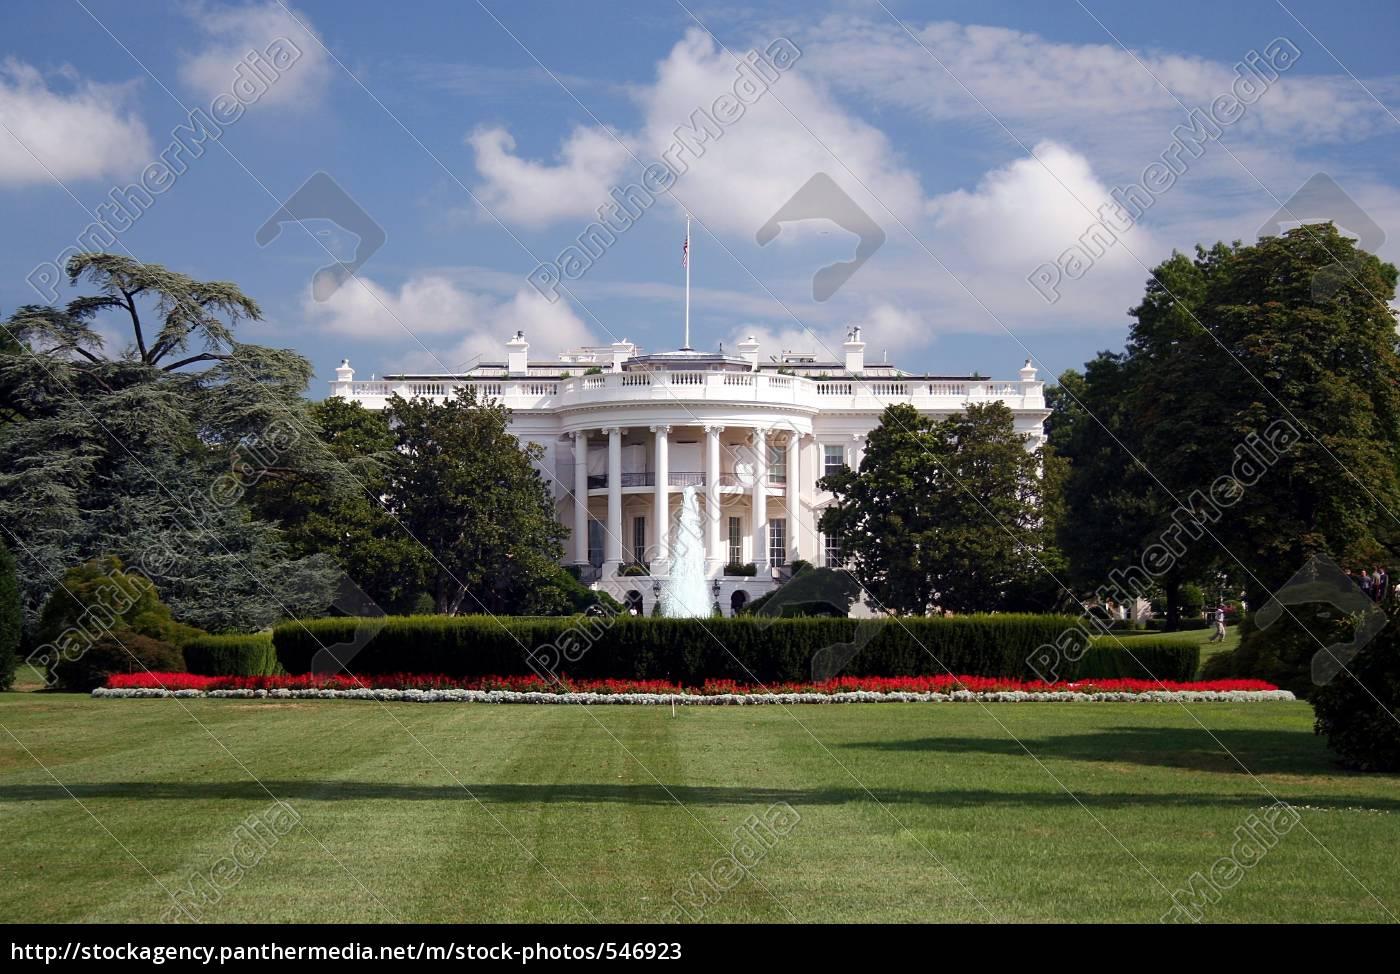 washington, -, the, white, house - 546923